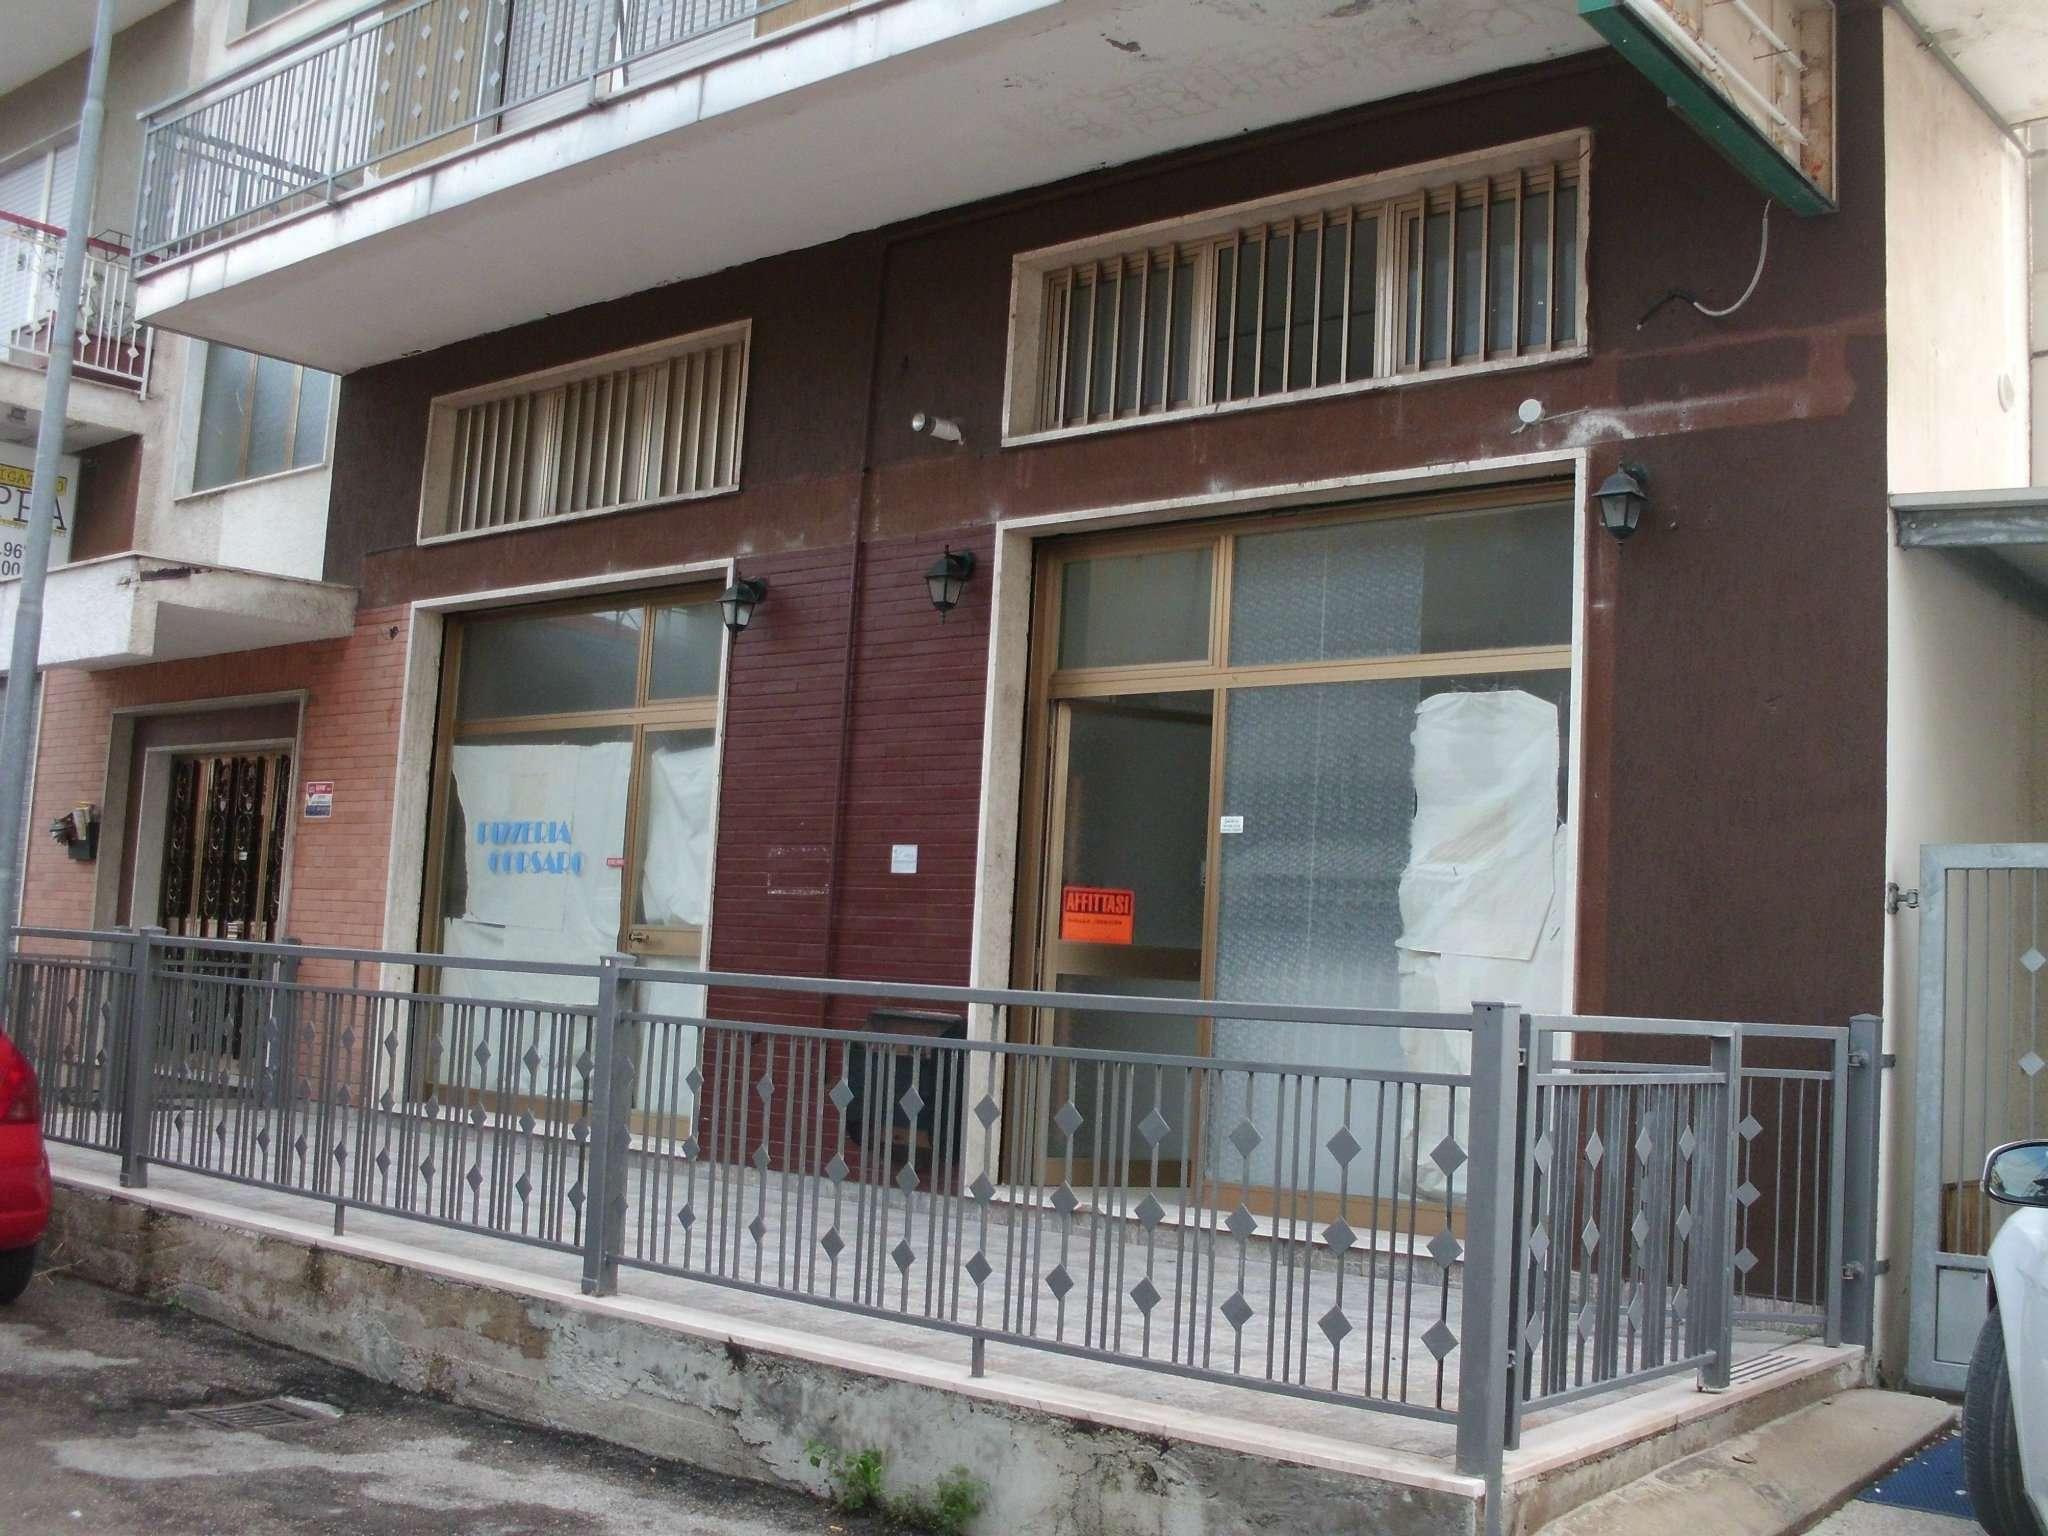 Negozio / Locale in affitto a Montesilvano, 2 locali, prezzo € 400 | CambioCasa.it